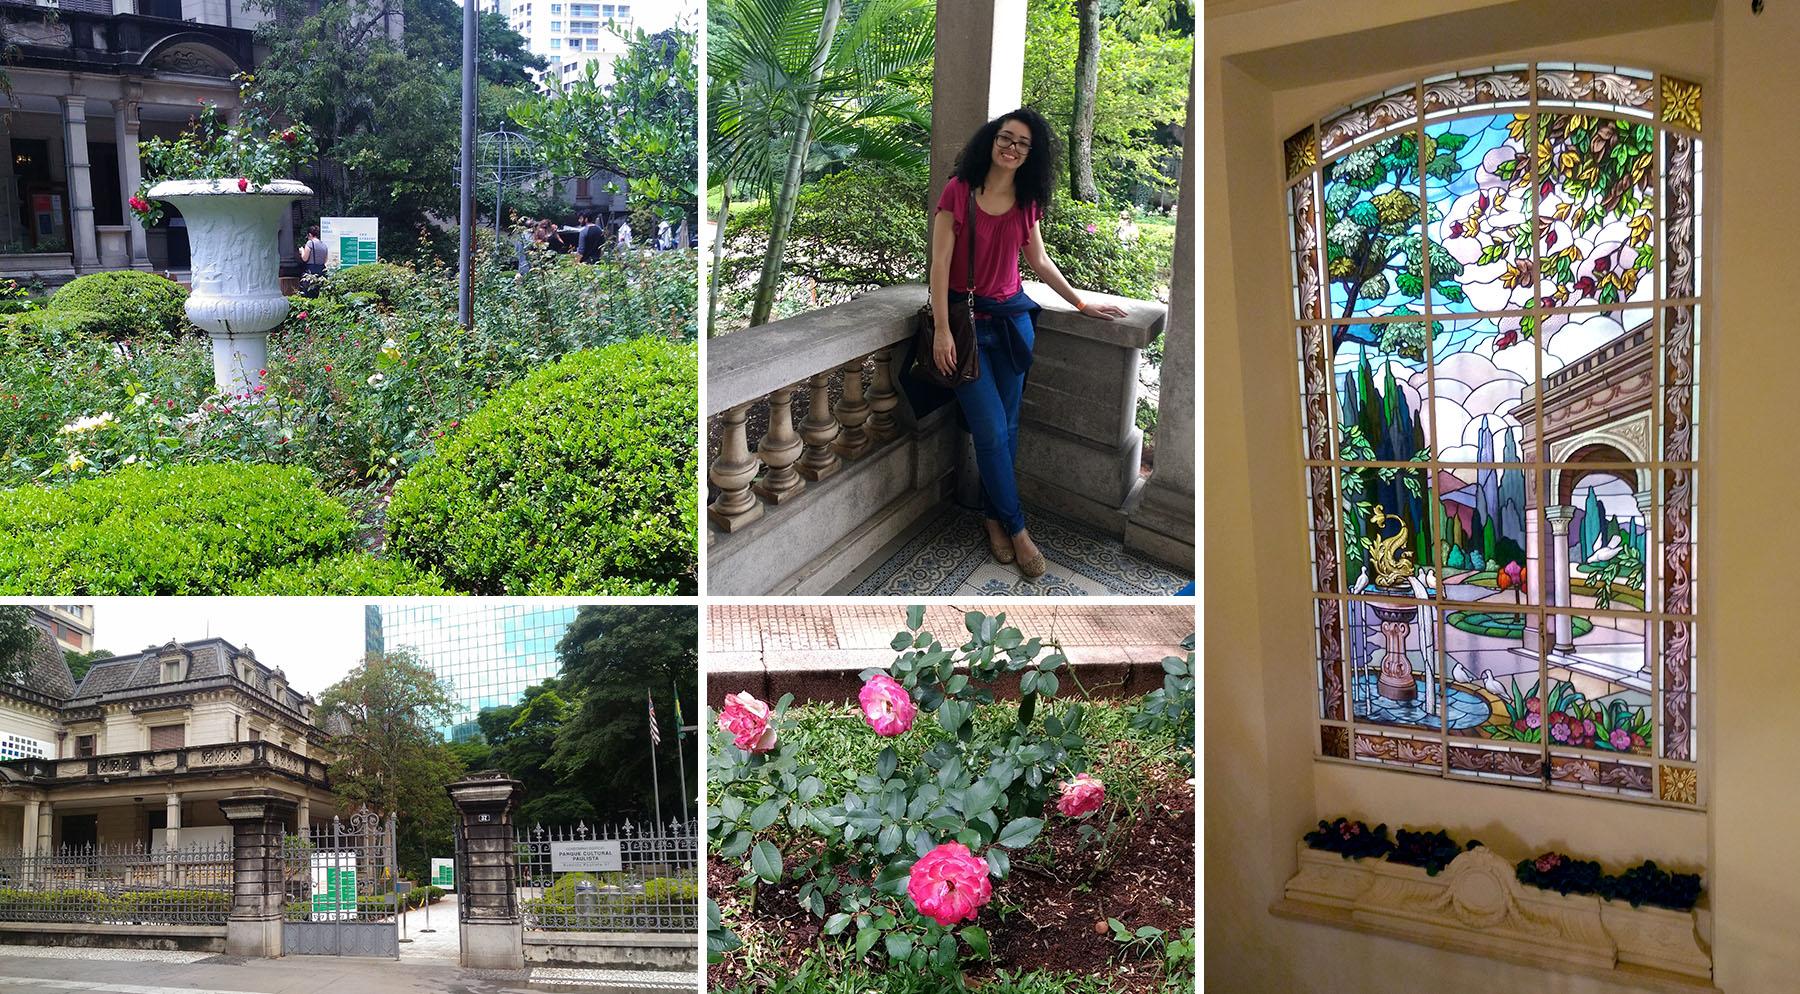 Fim-de-semana-em-São-Paulo-casa-das-rosas